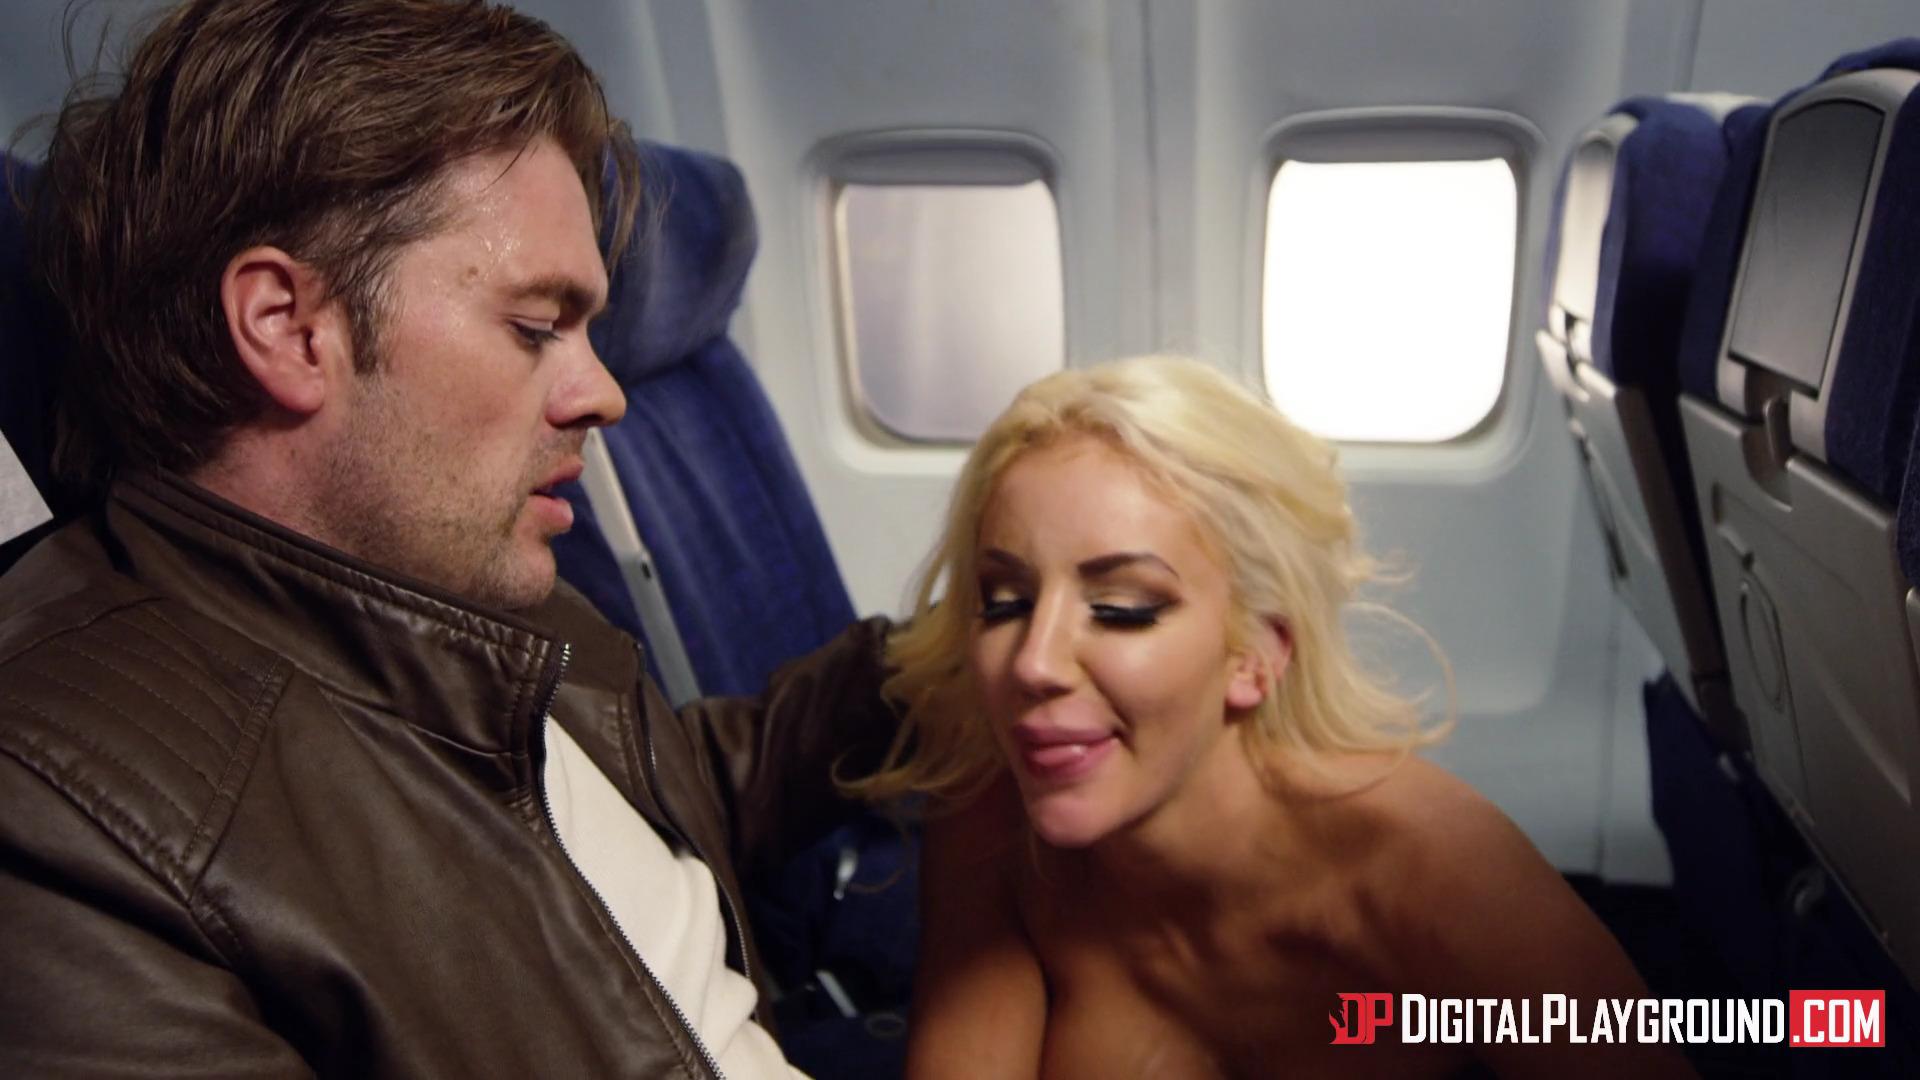 Стюардесса Aletta Ocean разрядила напряженную обстановку в самолете